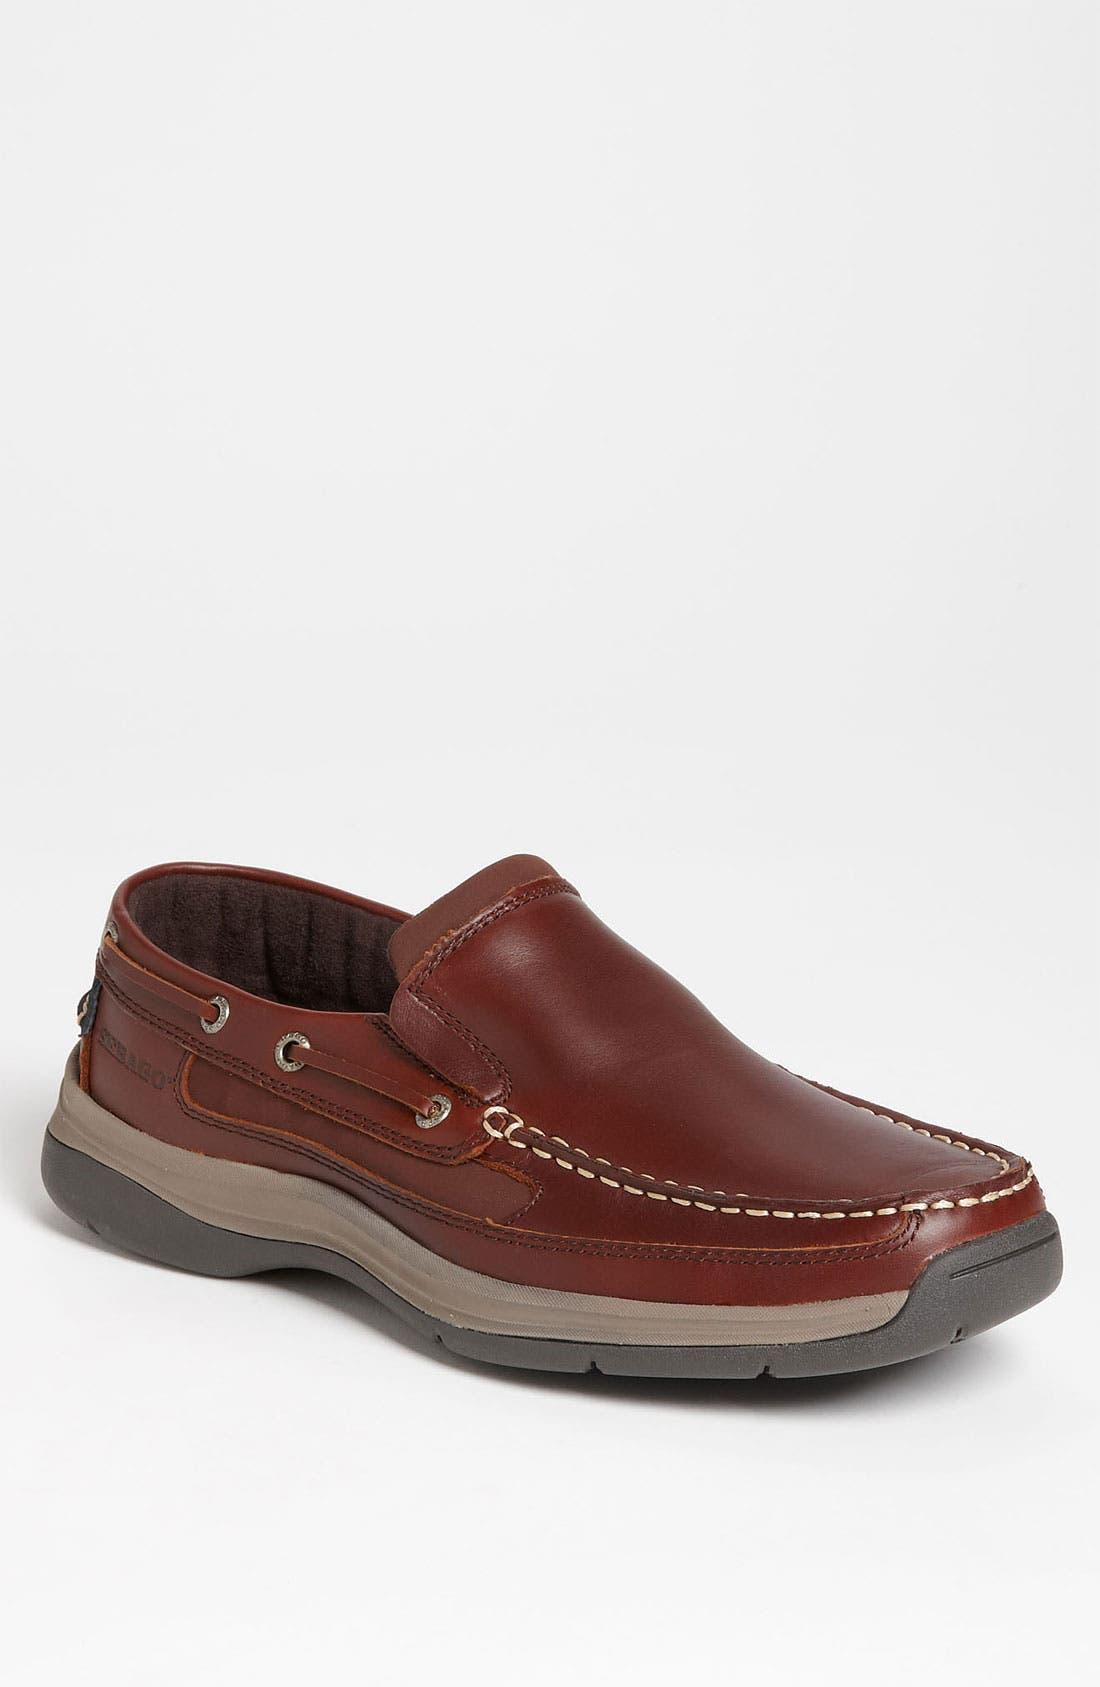 Alternate Image 1 Selected - Sebago 'Bowman' Boat Shoe (Online Only)